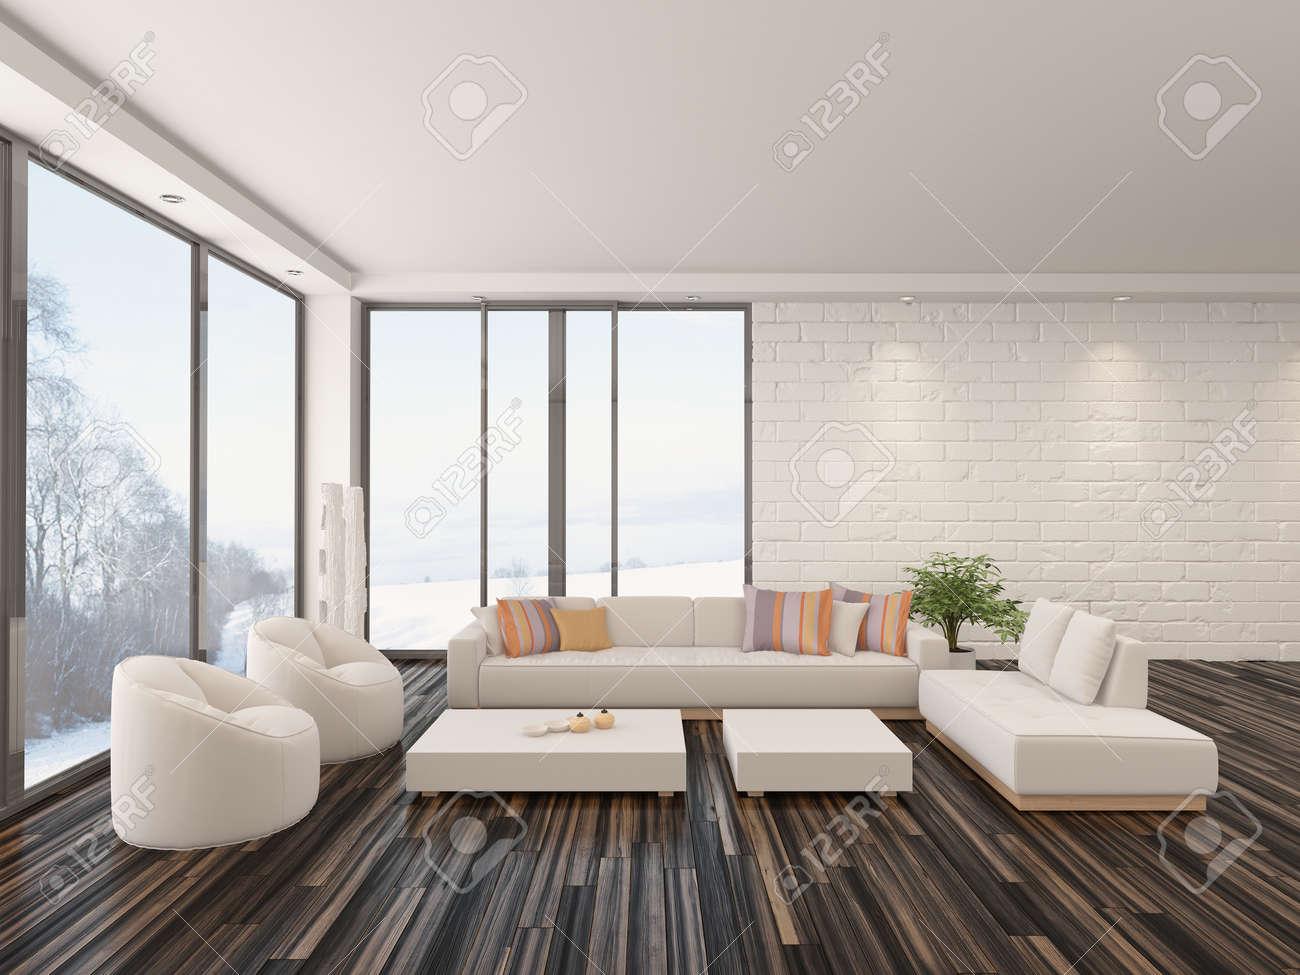 moderne minimaliste salon interieur avec un sol nu en parquet suite contemporaine de salon rembourres et de grandes fenetres avec vue sur le jardin